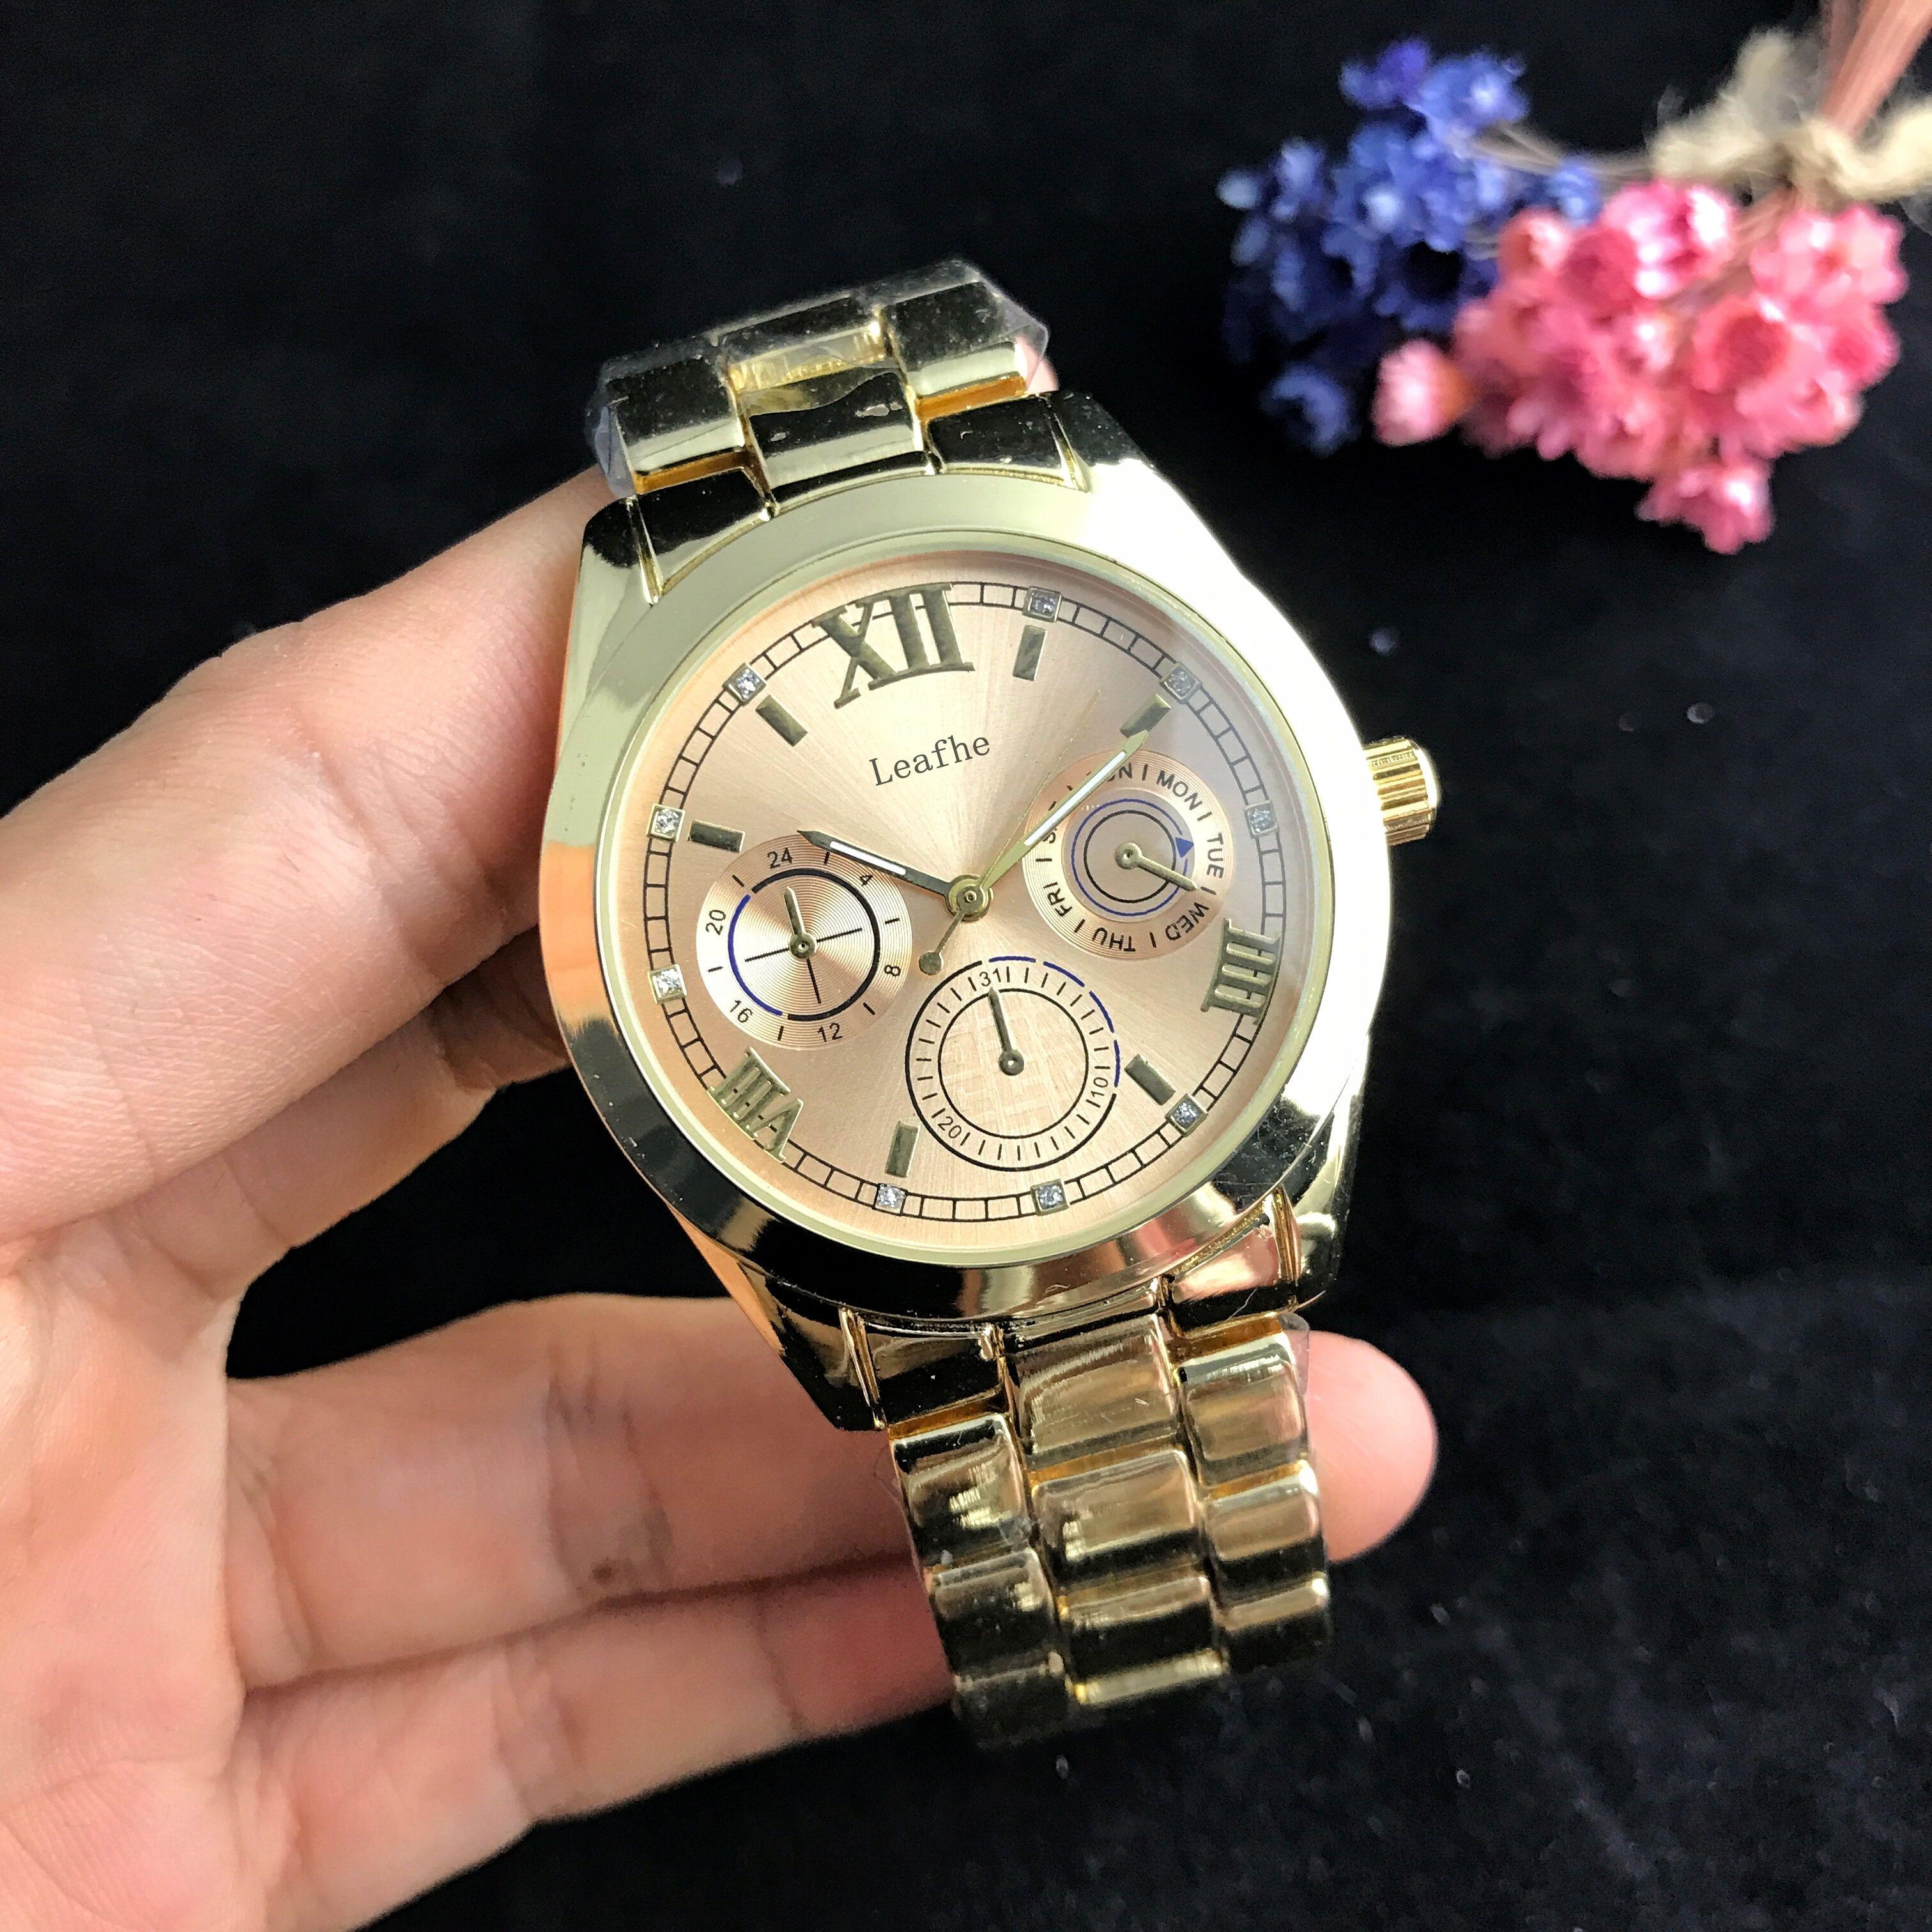 Marca de Moda Relógios Femininos Ouro Prata Borboleta Fivela Pulseira Aço Inoxidável Relógio Quartzo Montre Femme